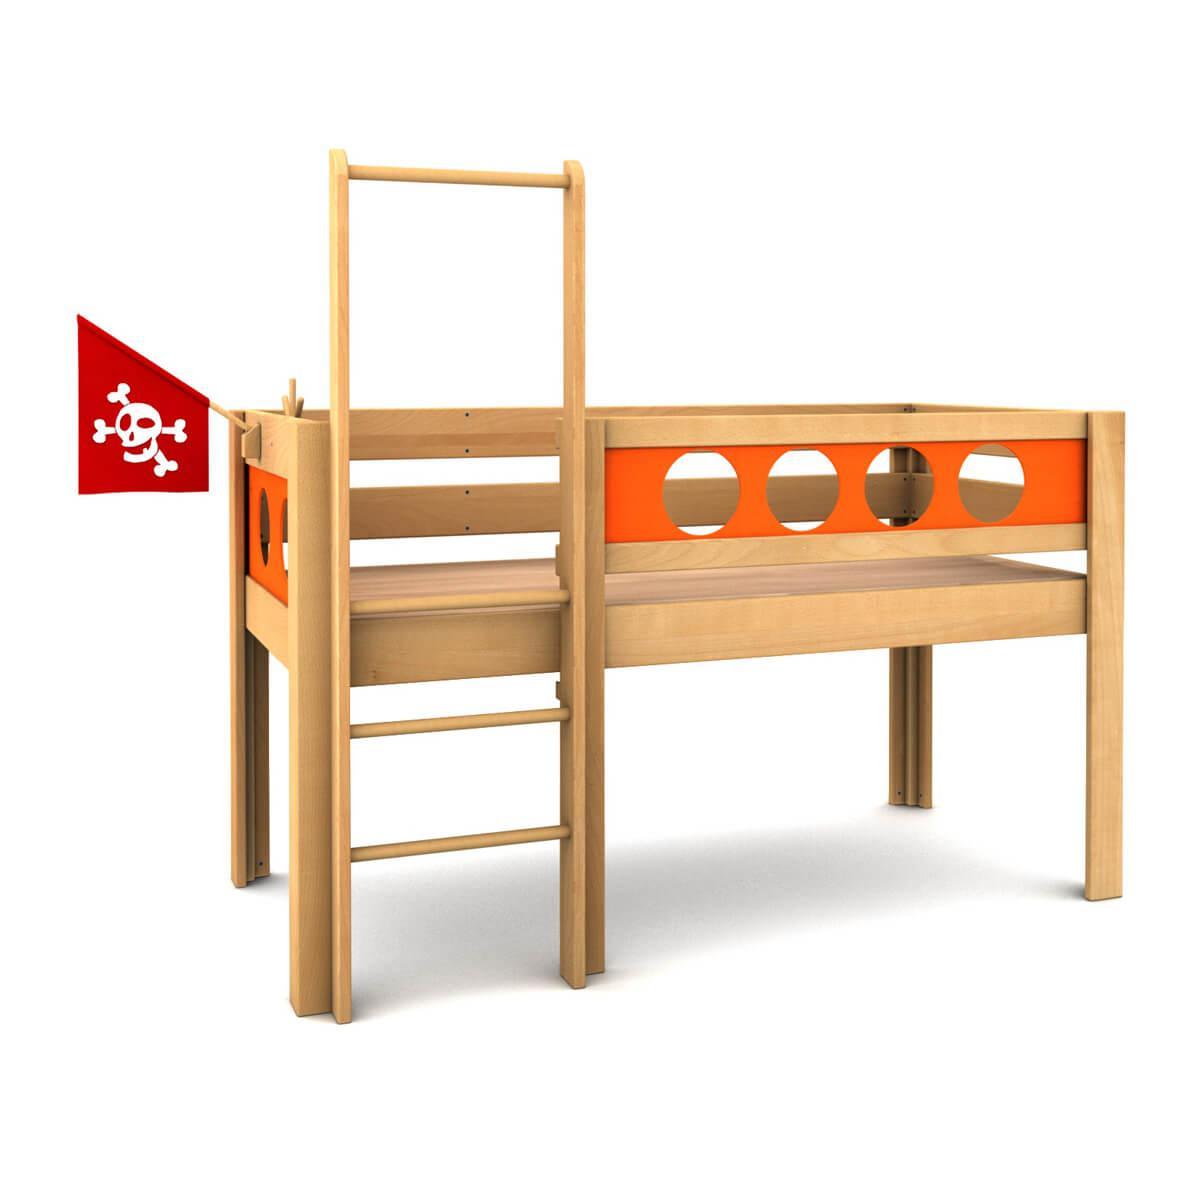 debe.deluxe - Pirat halbhoch, Bett:  geölt (00), Füllungen: orange (45)